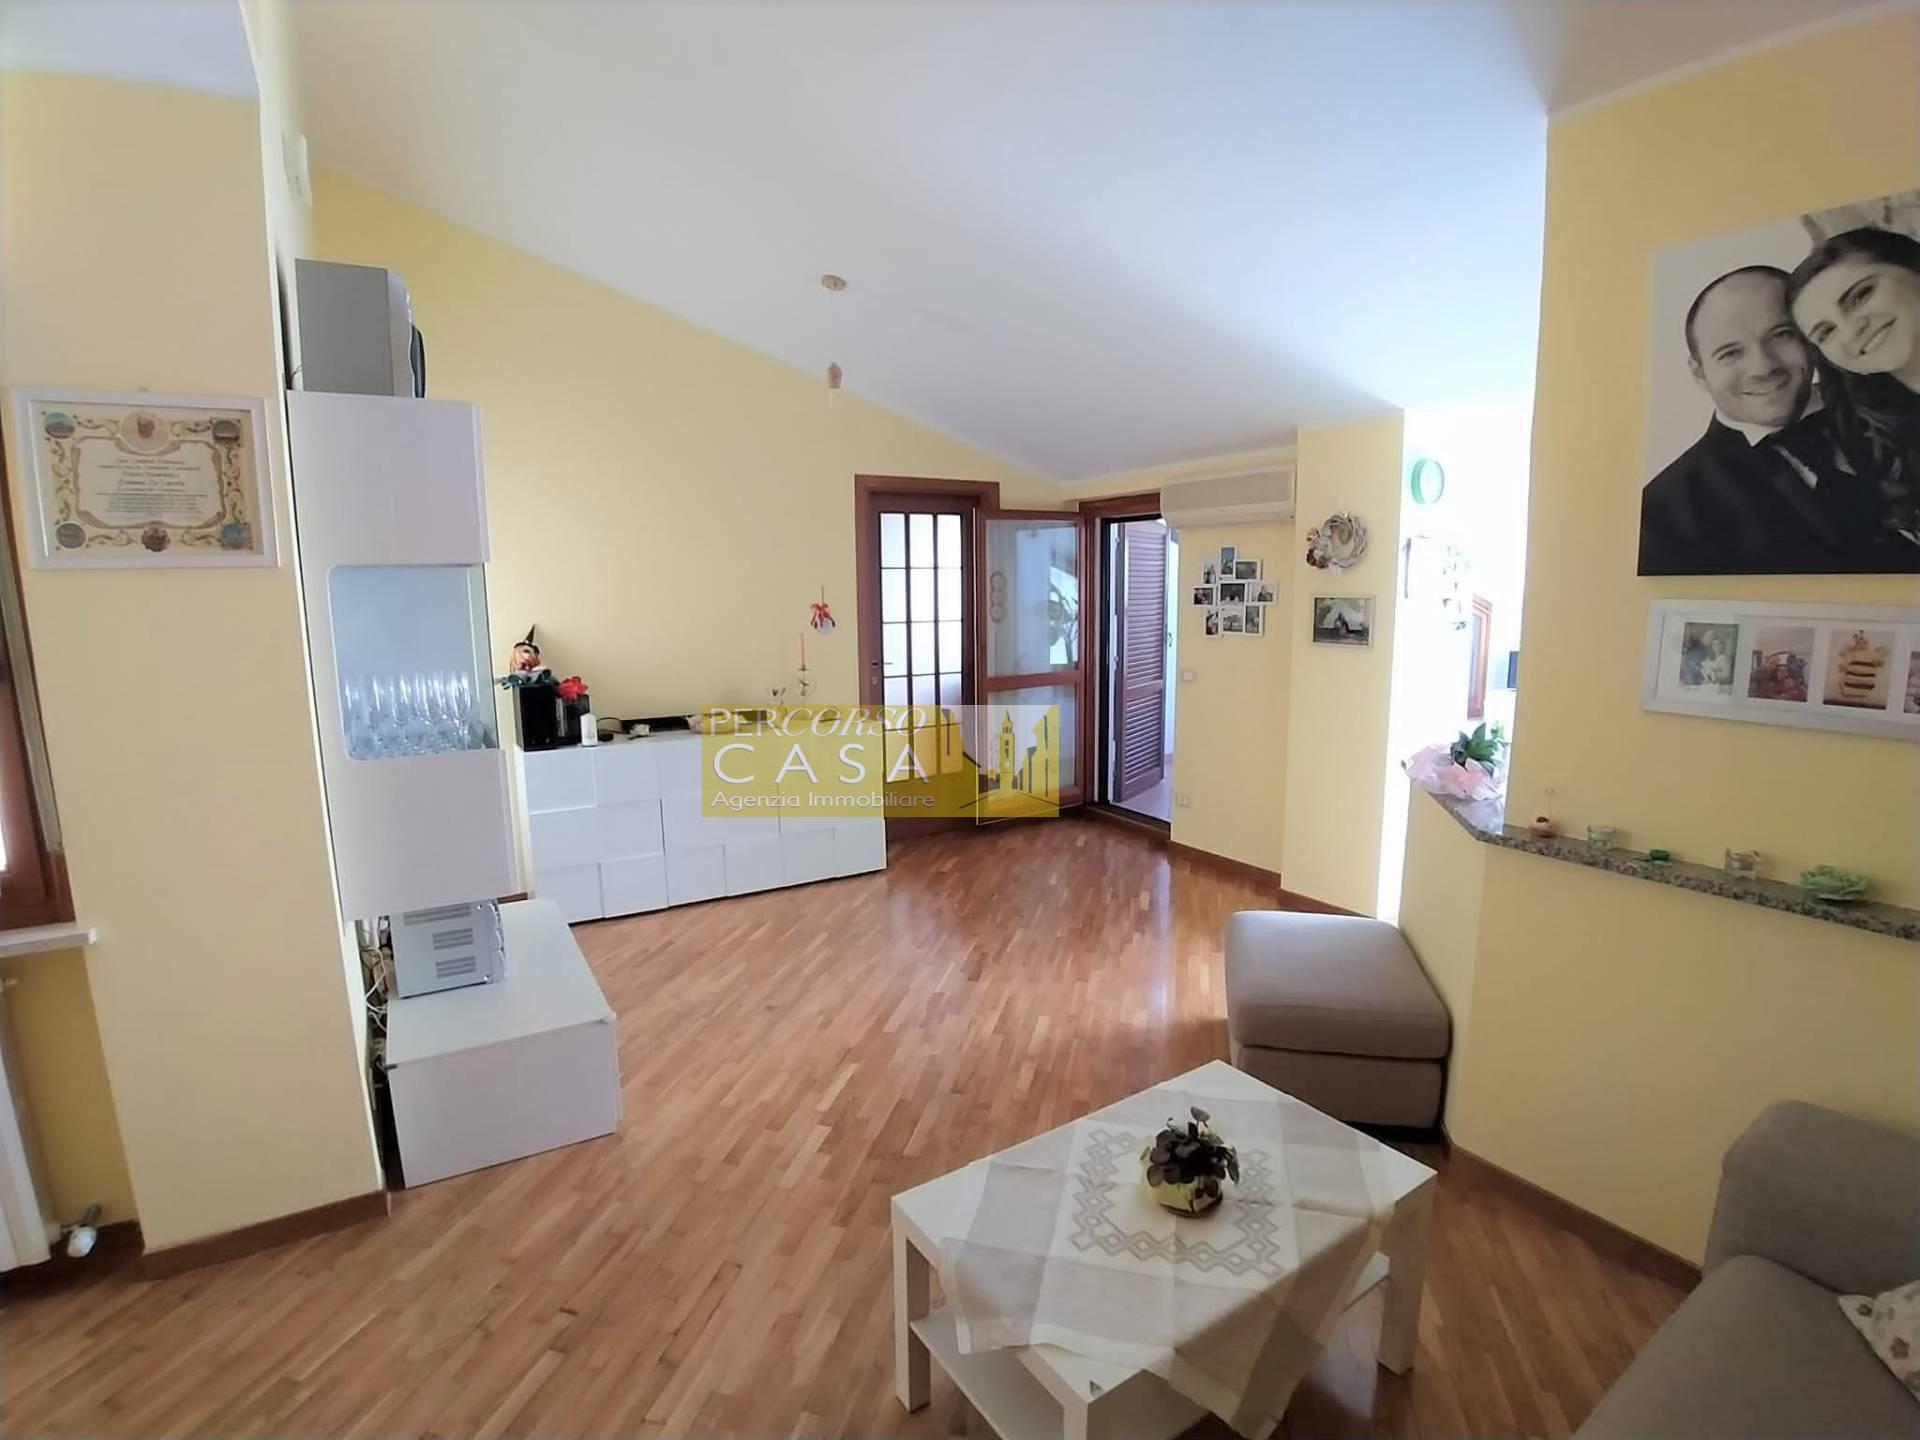 Appartamento in vendita a Teramo, 4 locali, zona Località: ViaCona, prezzo € 79.000   PortaleAgenzieImmobiliari.it